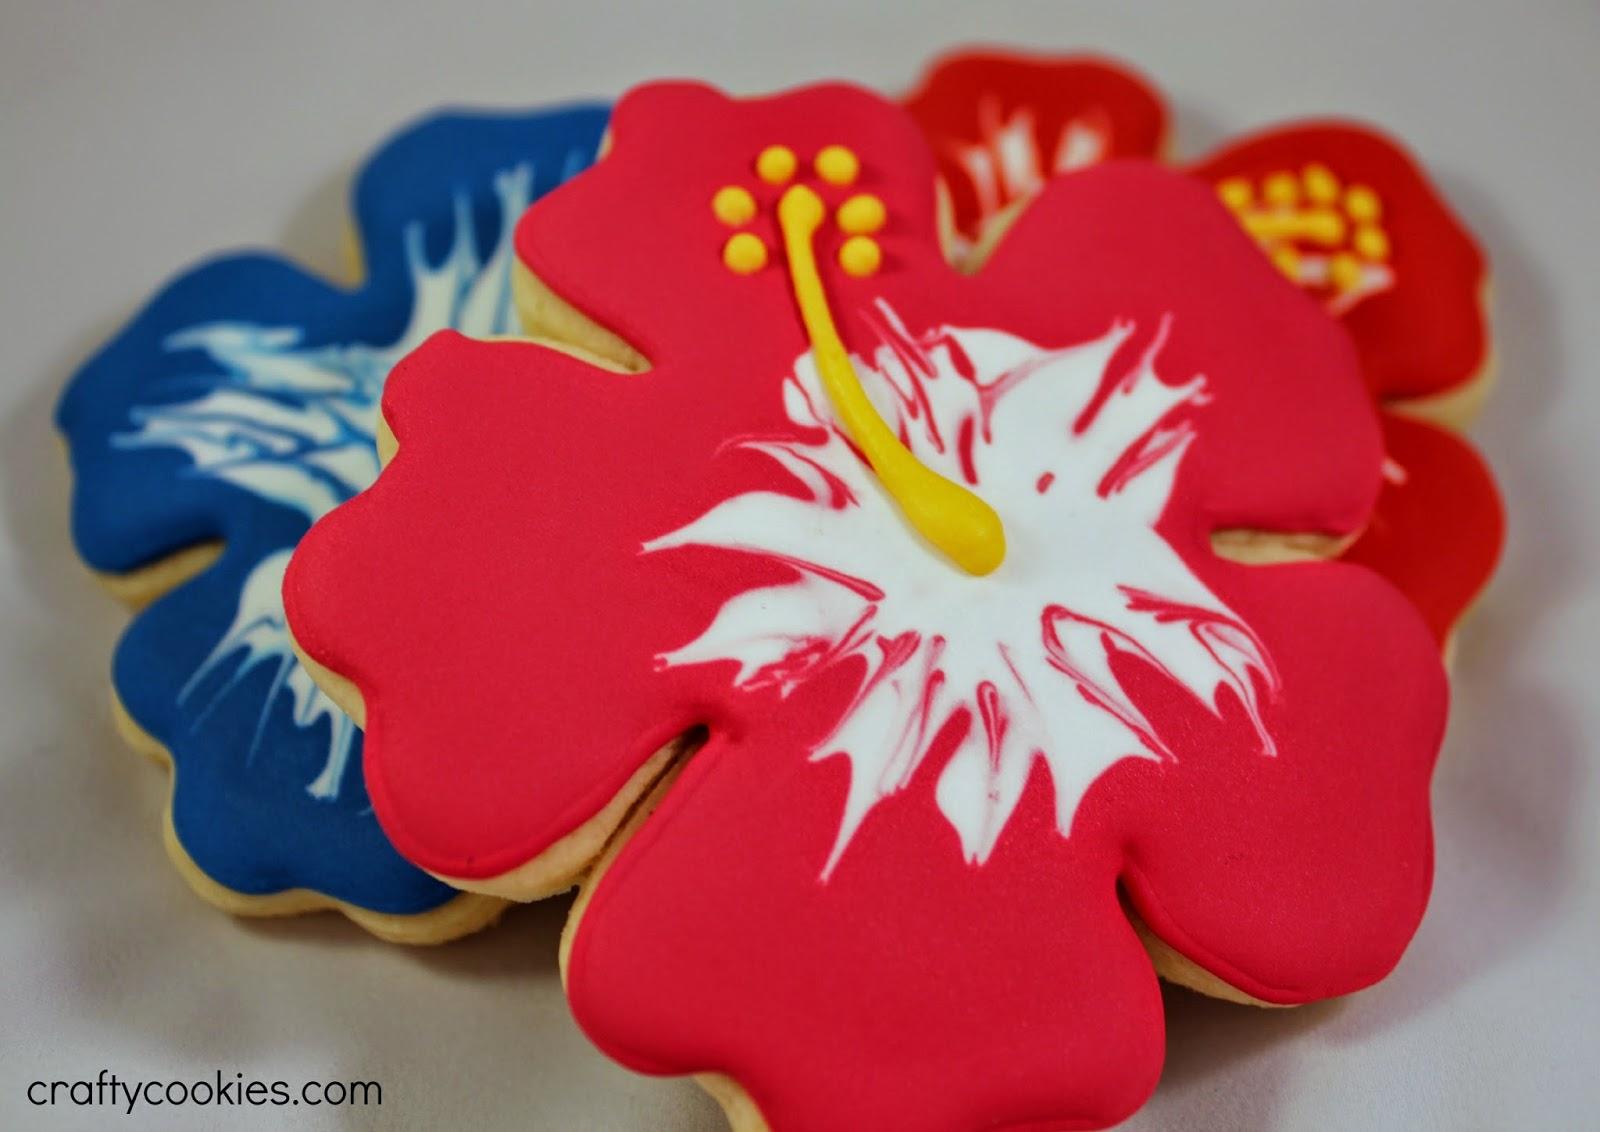 Crafty cookies easy hibiscus flower cookies easy hibiscus flower cookies izmirmasajfo